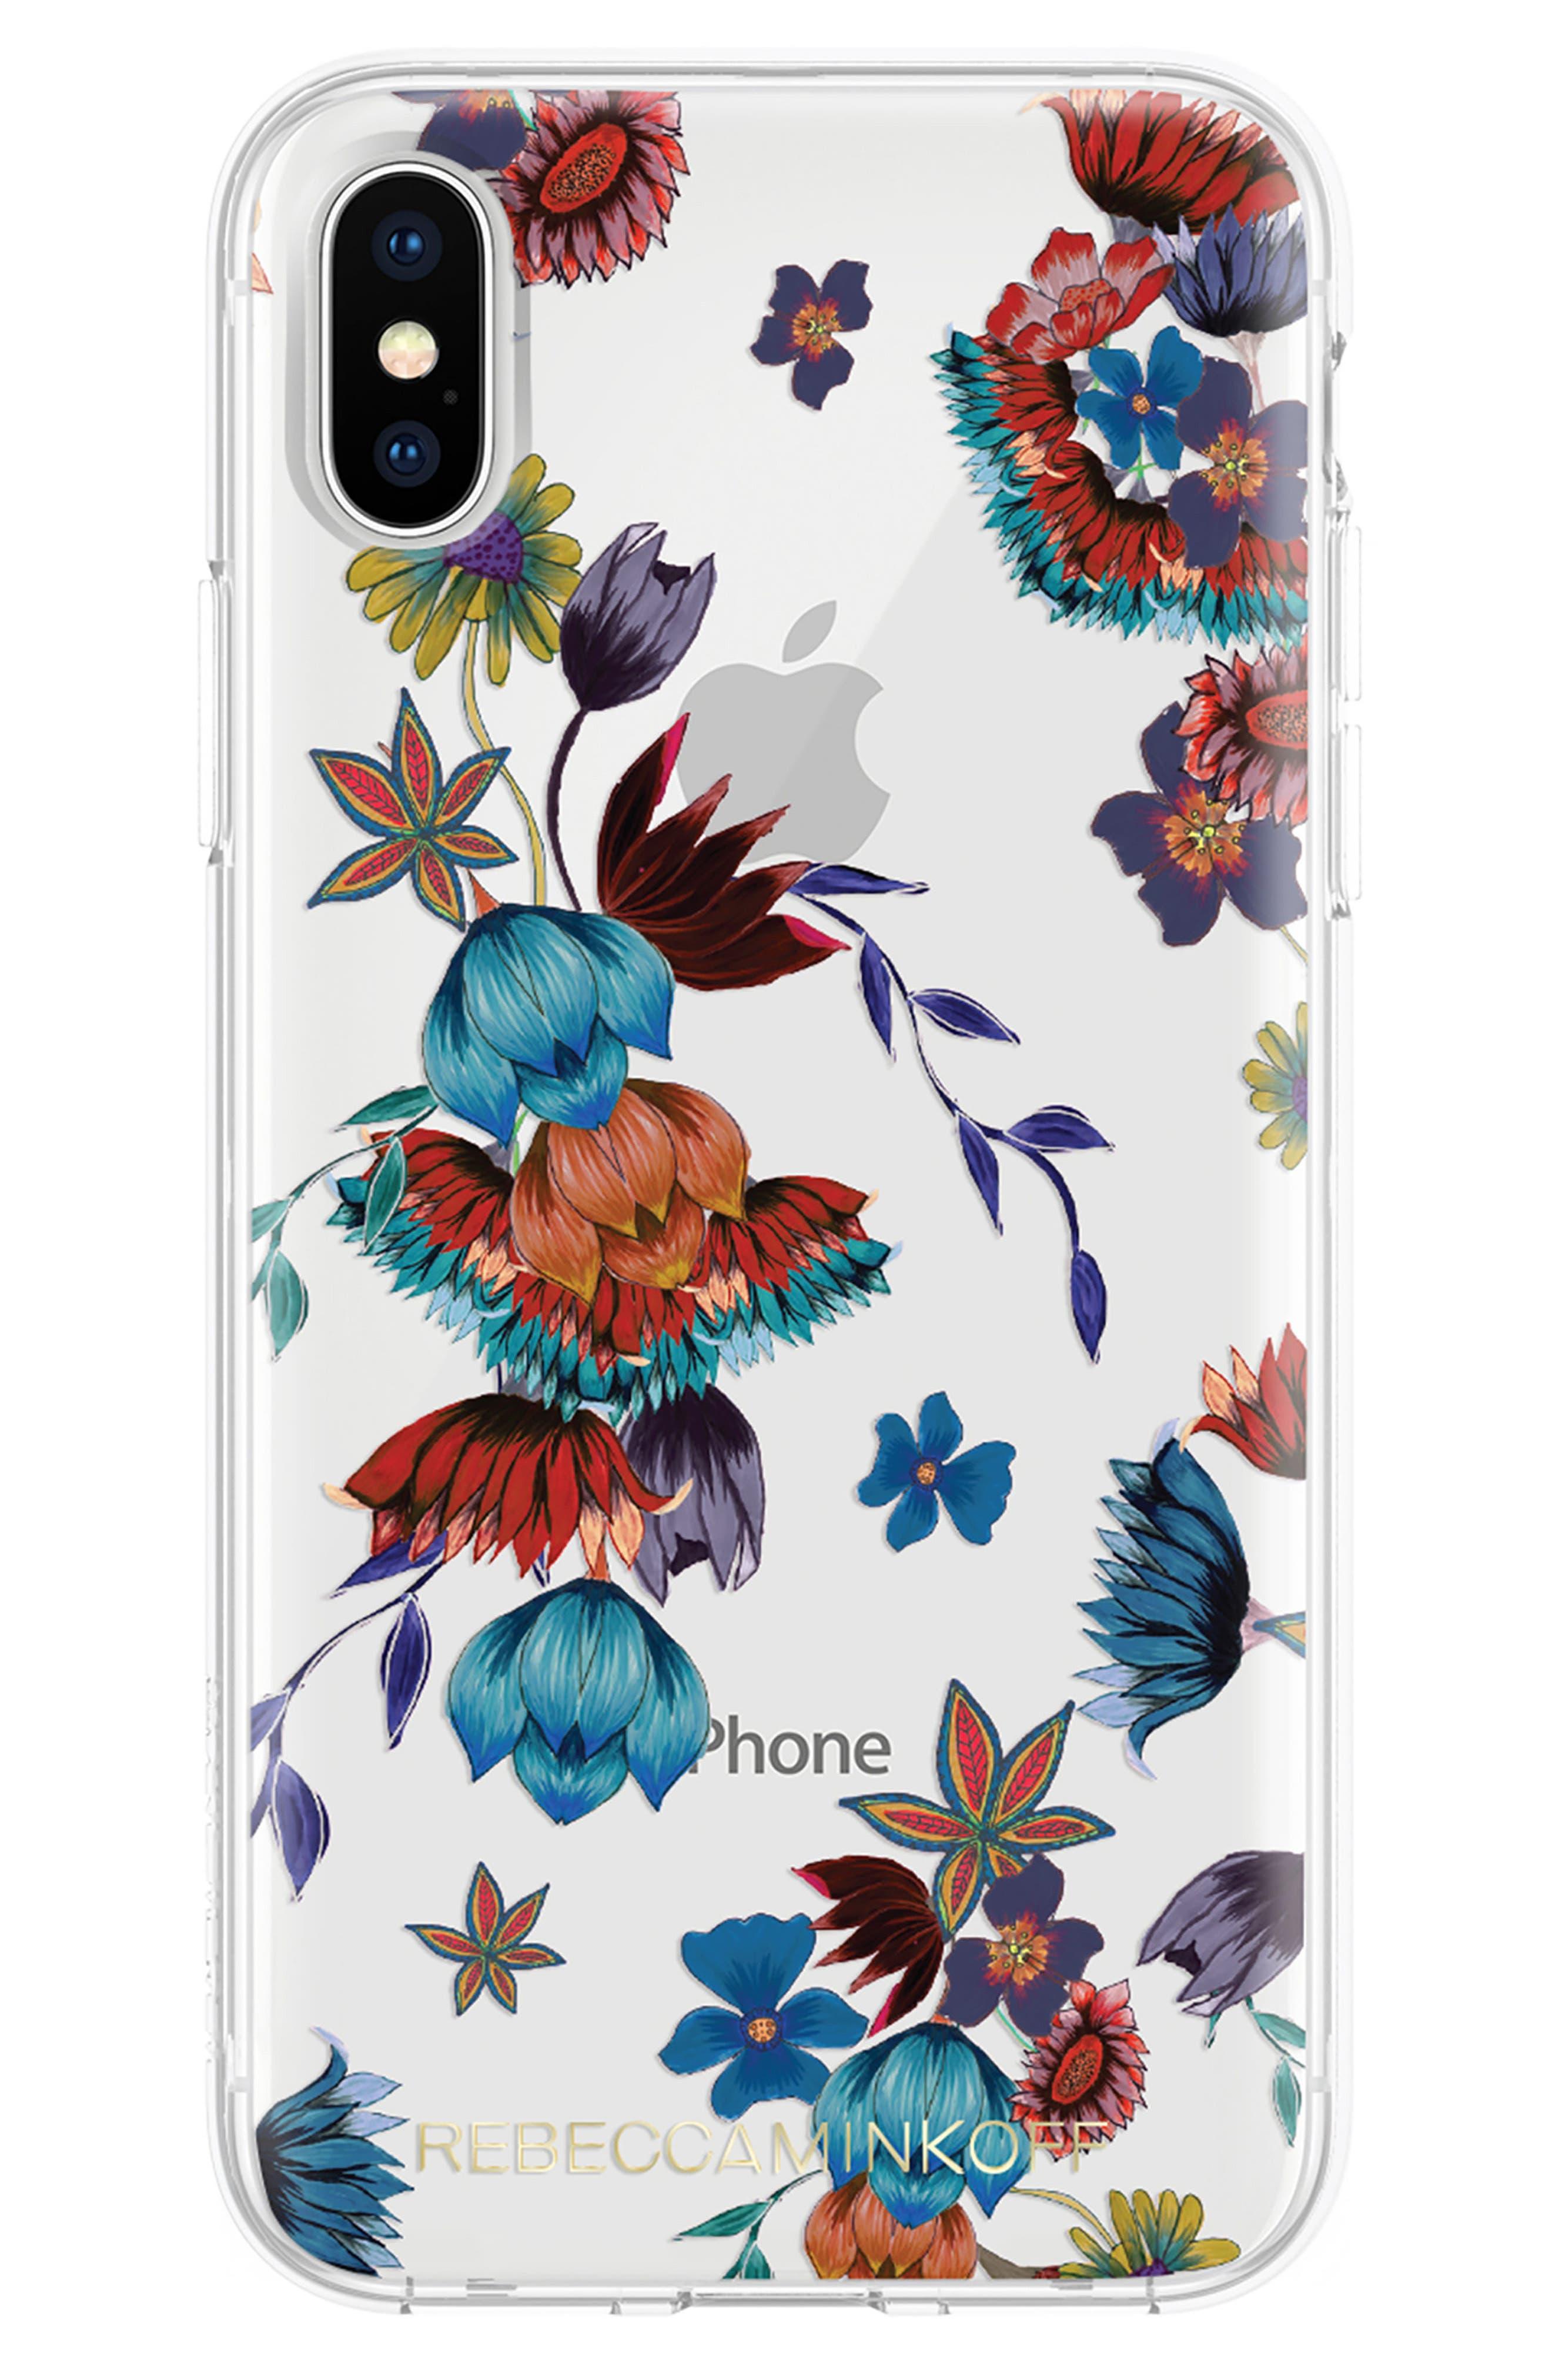 Punk Floral iPhone X/Xs Case,                         Main,                         color, CLEAR / MULTI / GOLD FOIL